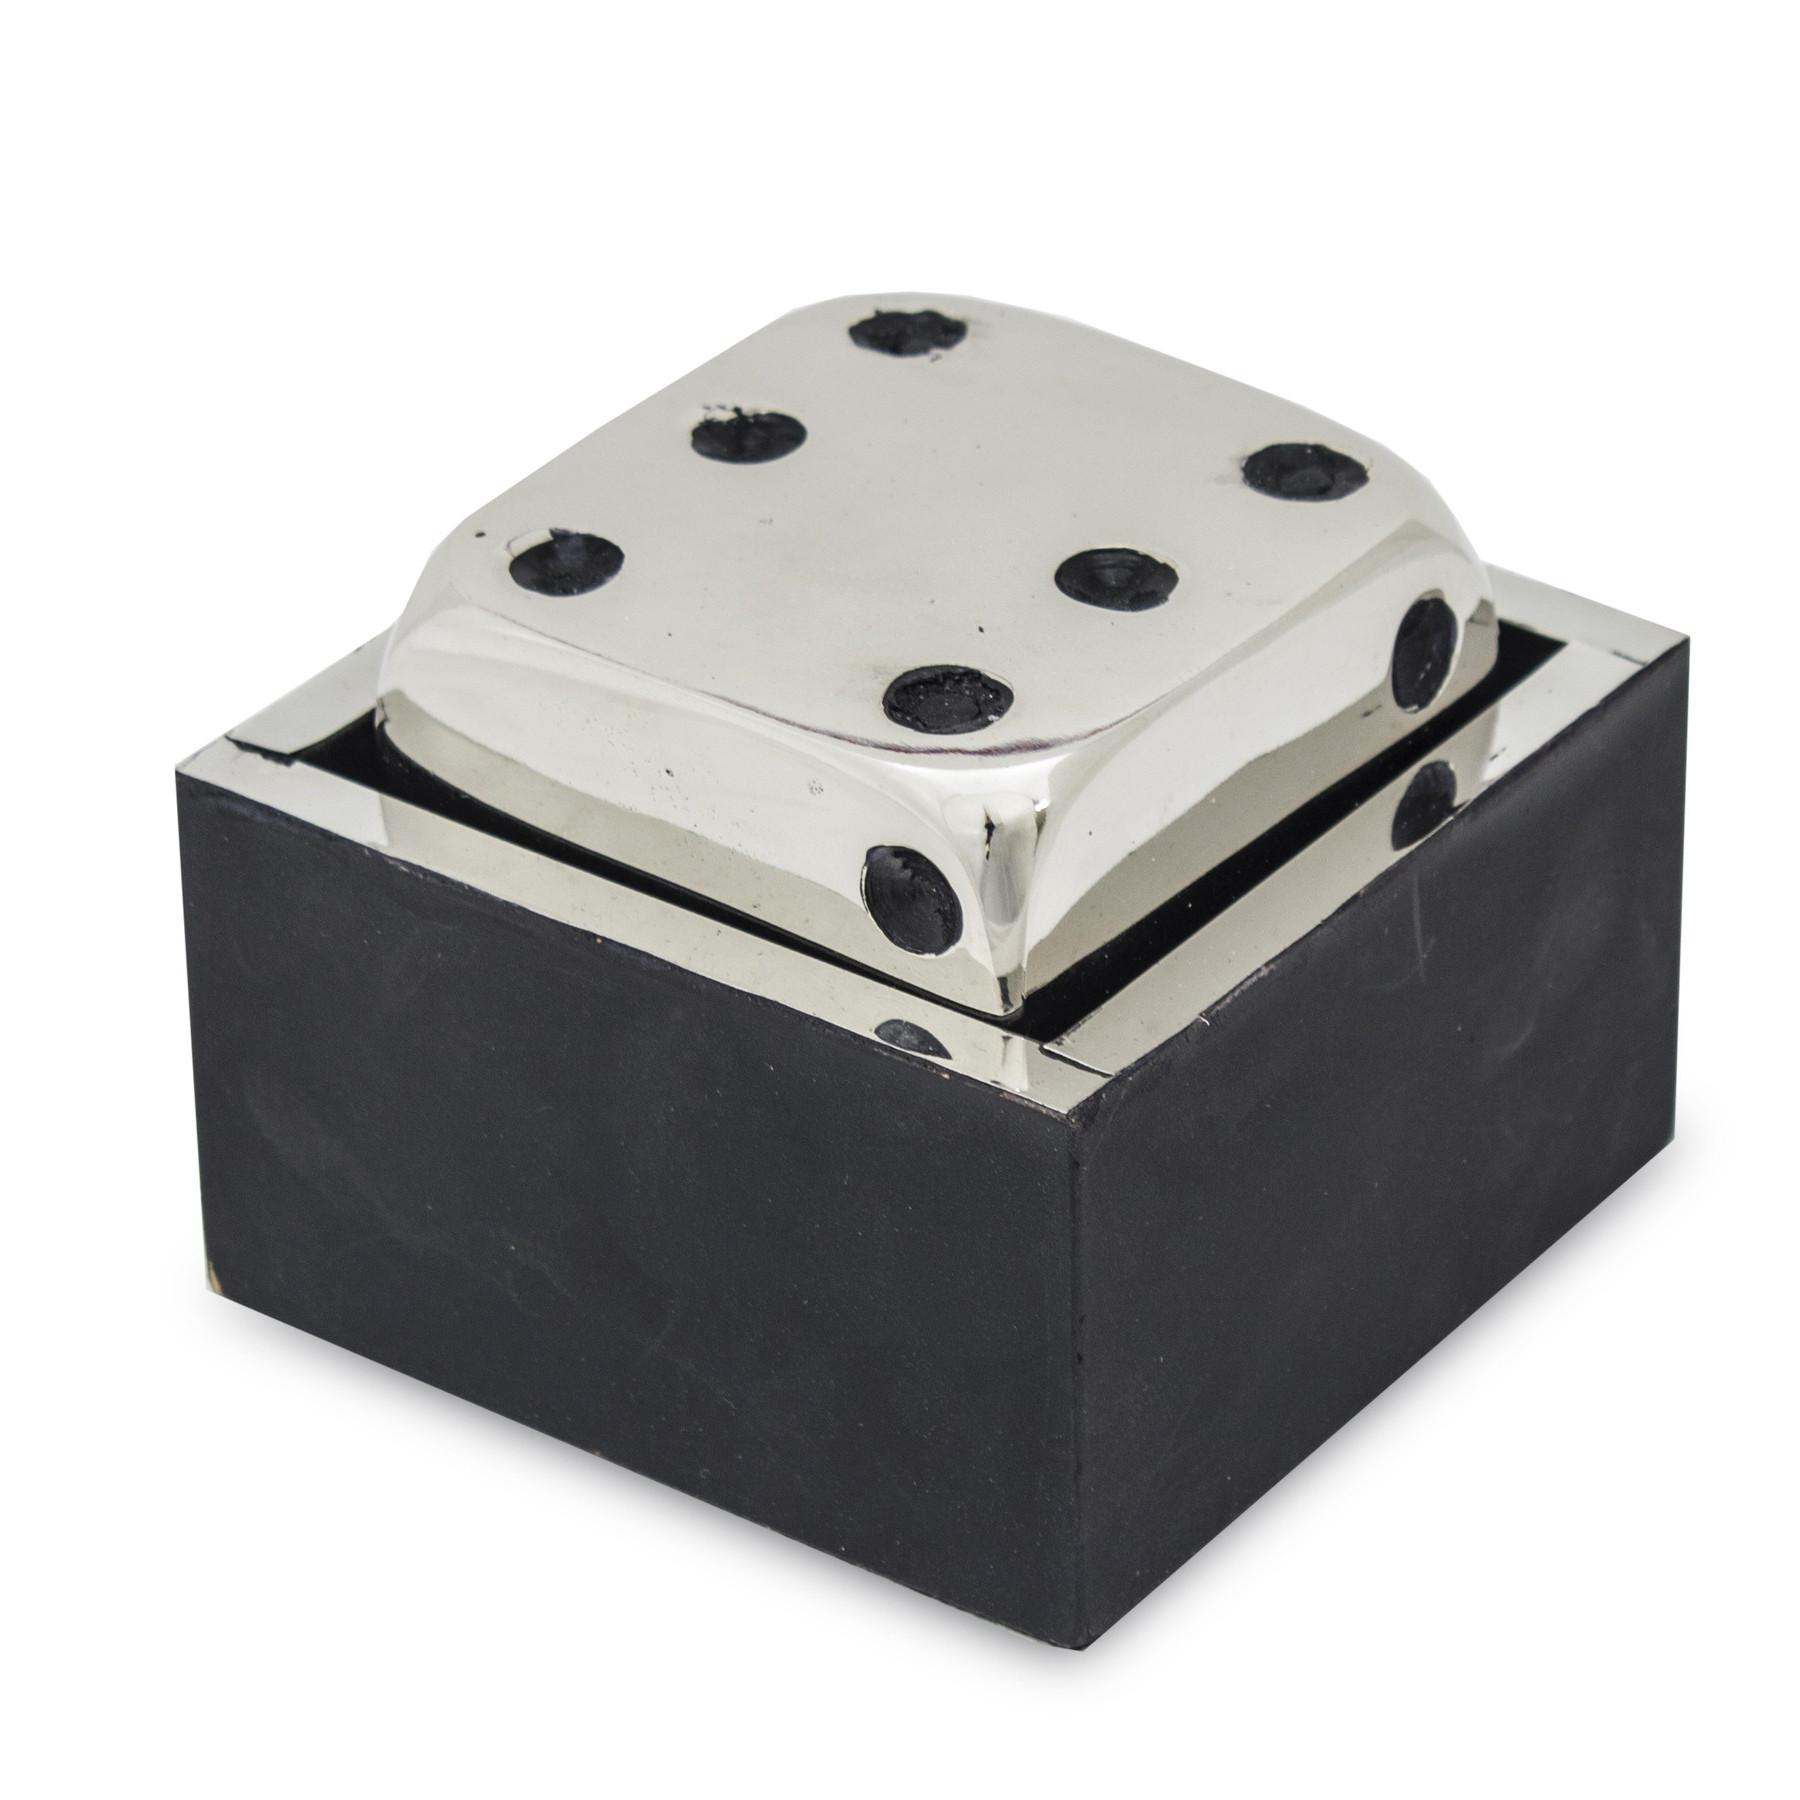 Figúrka kovové kocky pre hru Droma sregrna retro